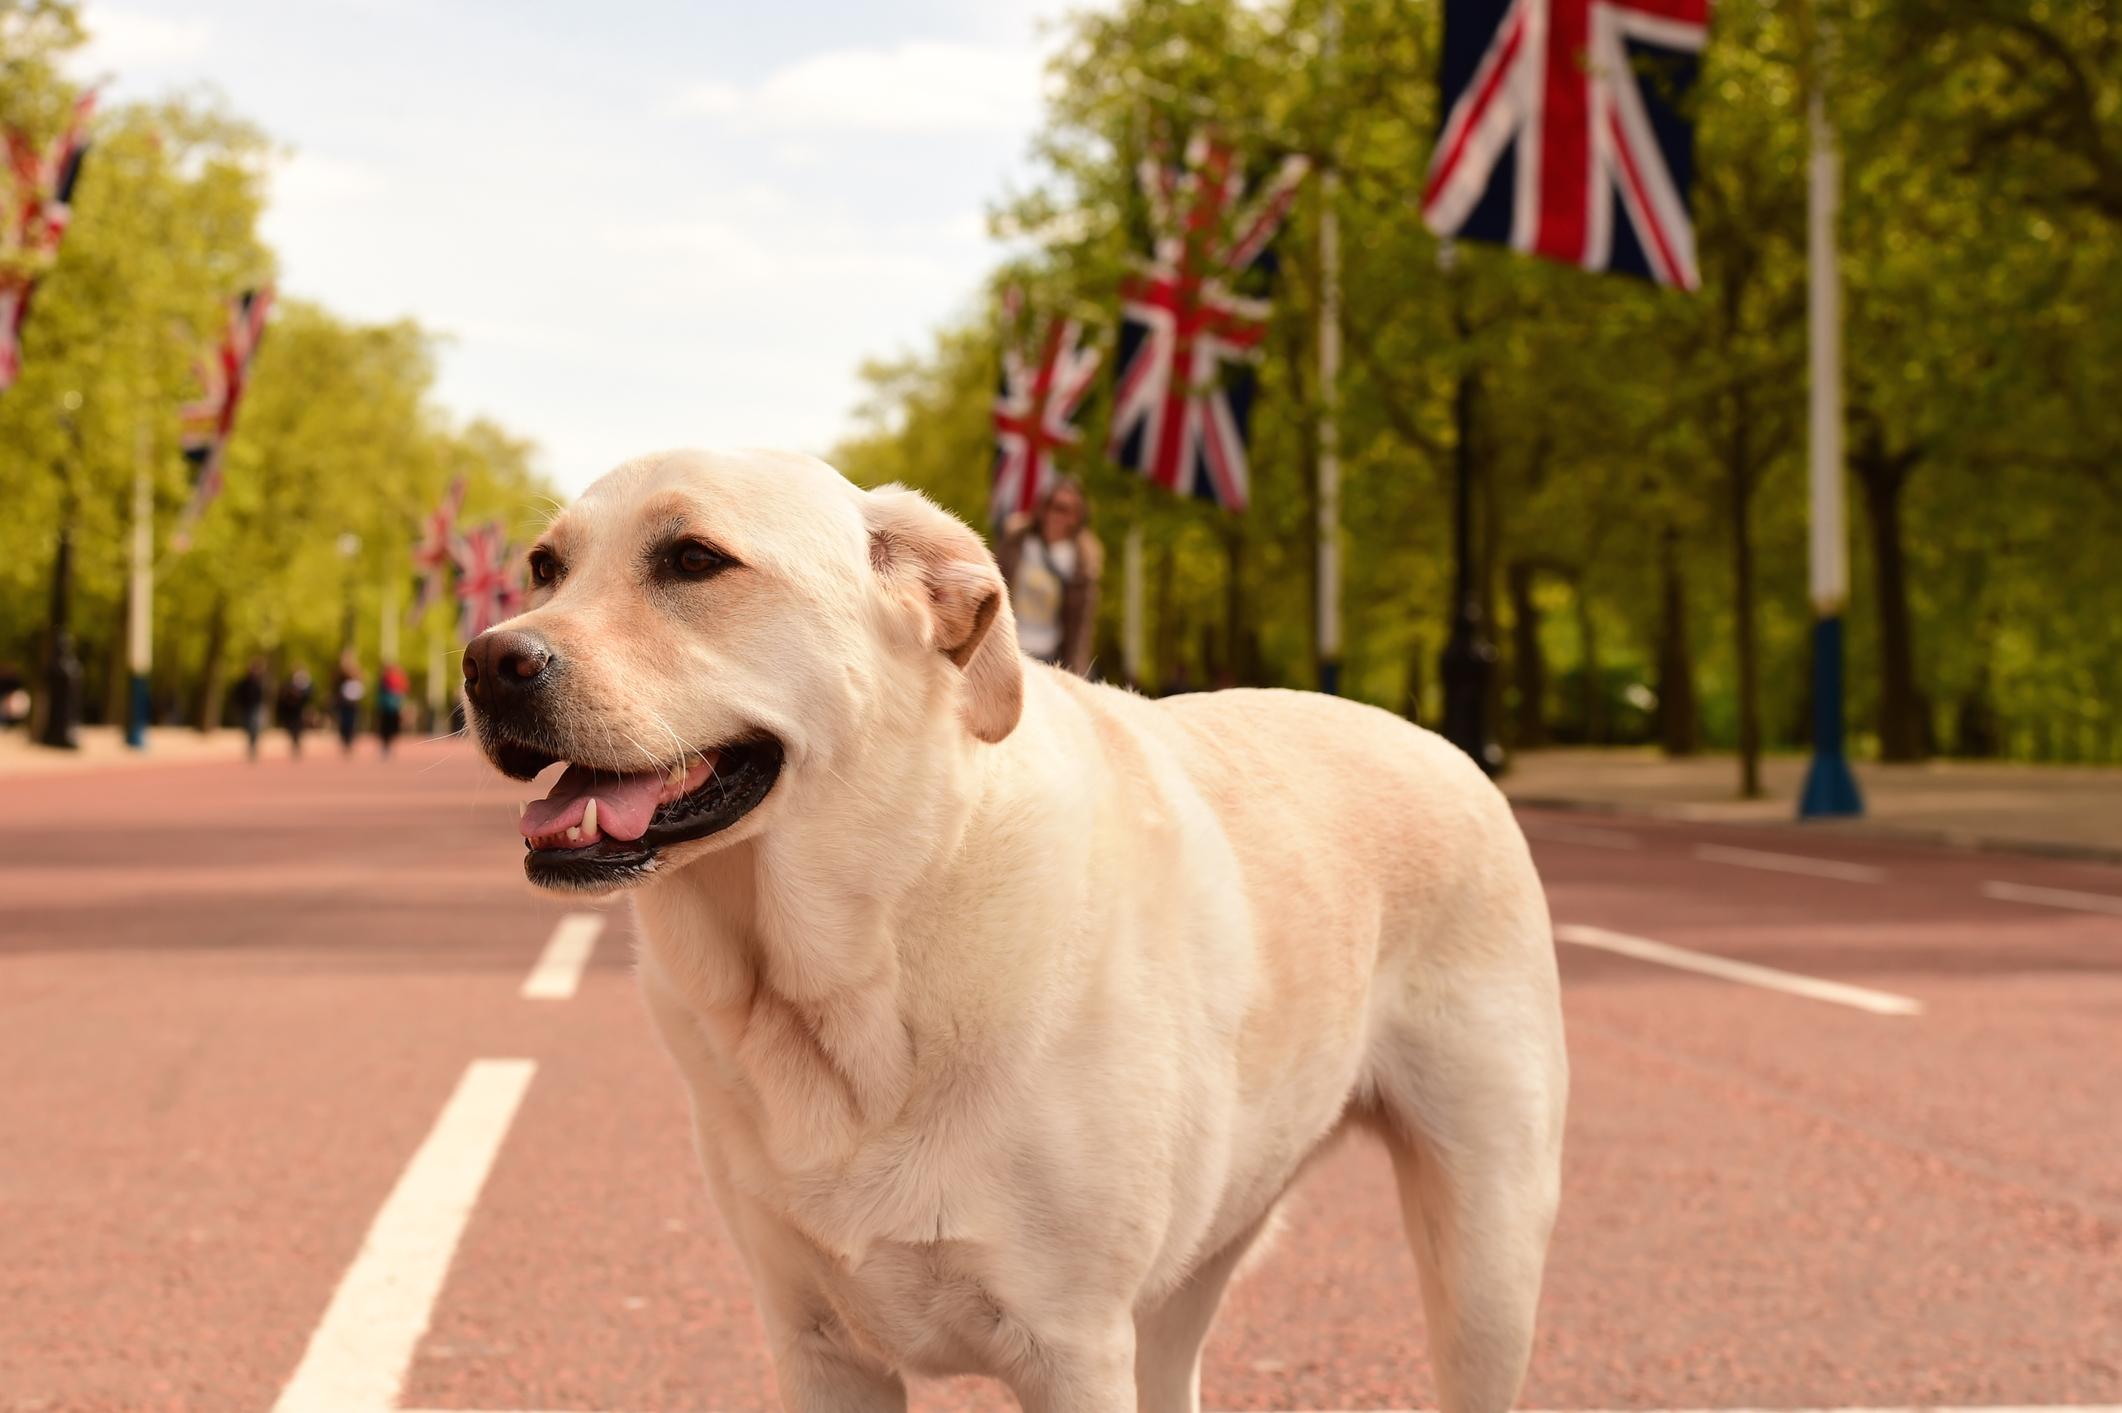 Großbritannien ist hundefreundlich und damit gut geeignet für einen Urlaub mit Hund